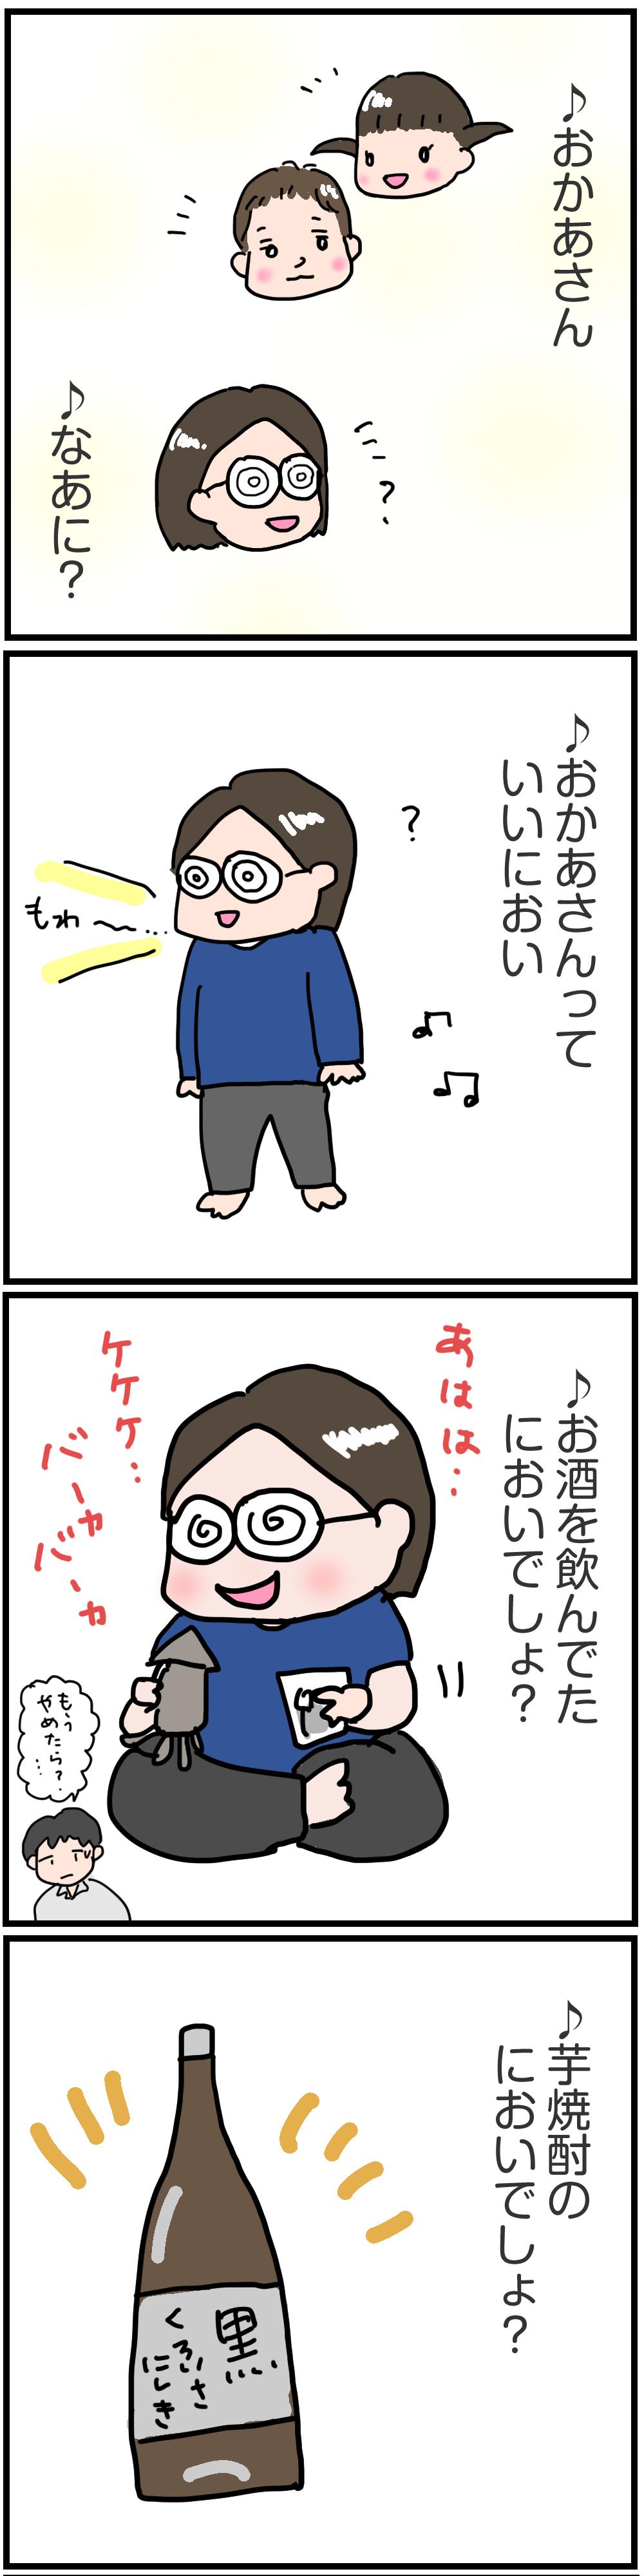 おかあさんの歌